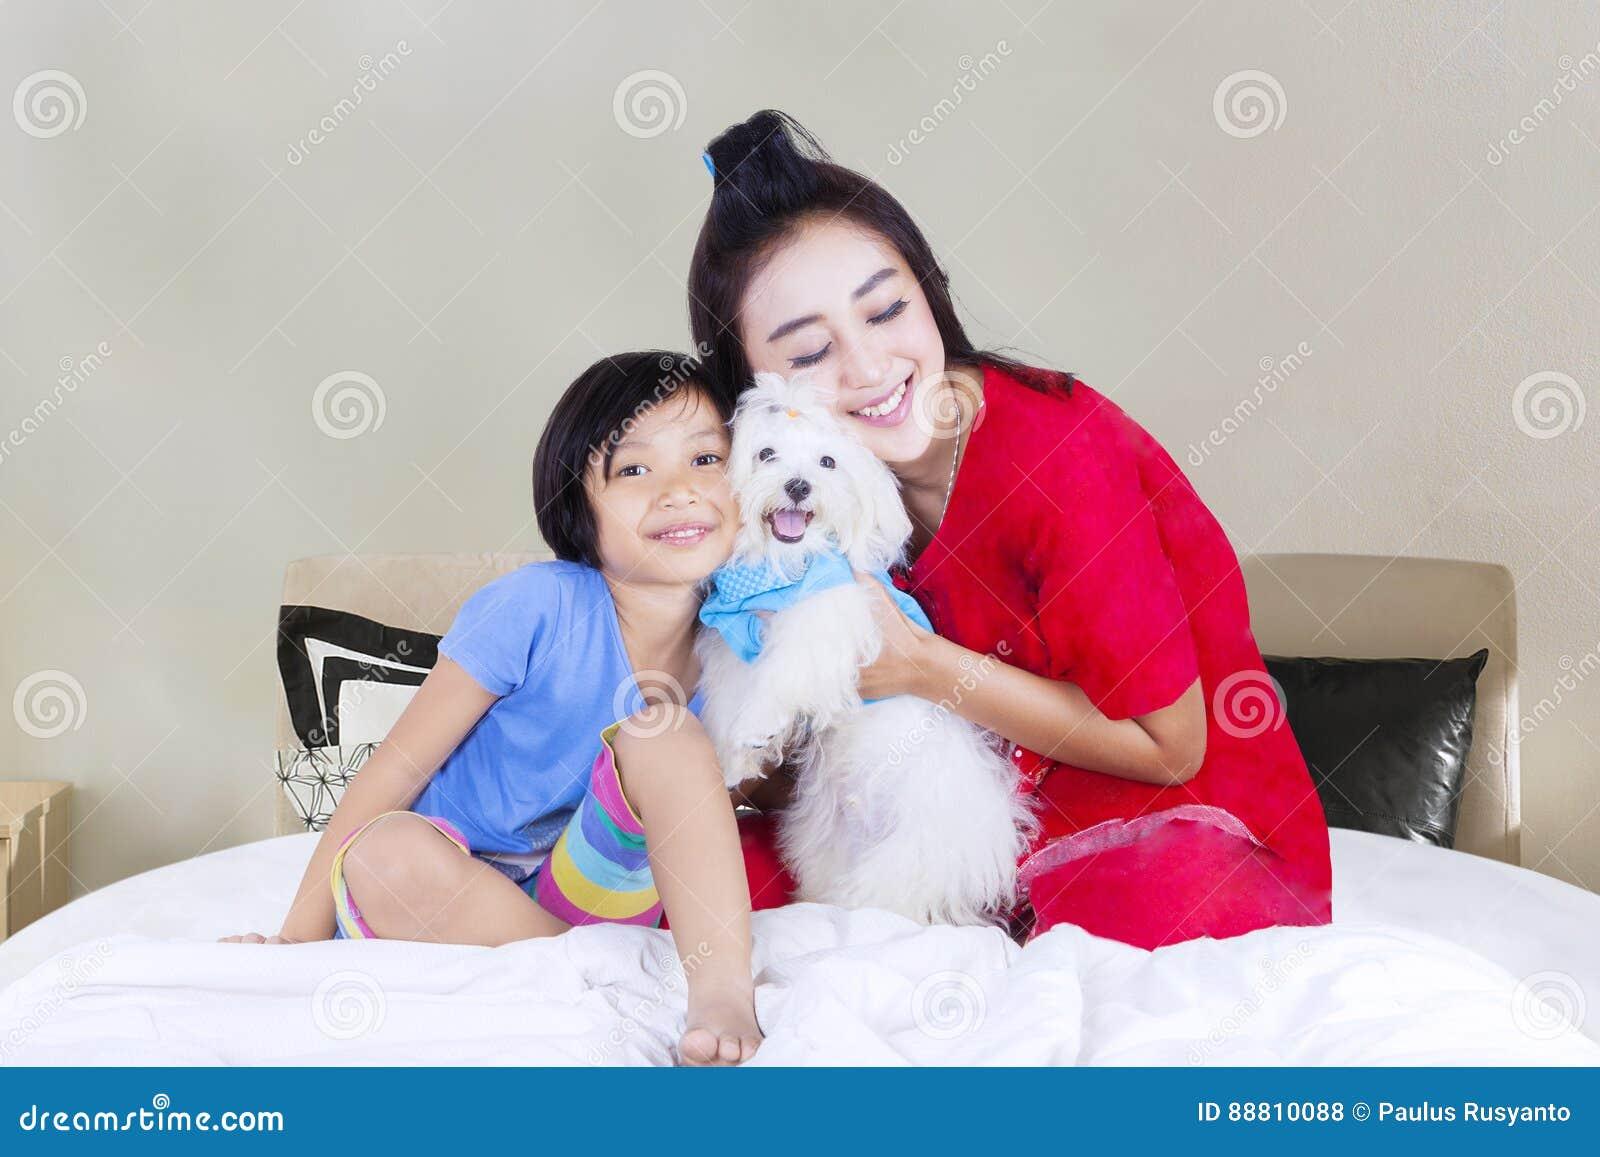 Mutter Und Tochter Mit Hund Im Schlafzimmer Stockfoto - Bild ...